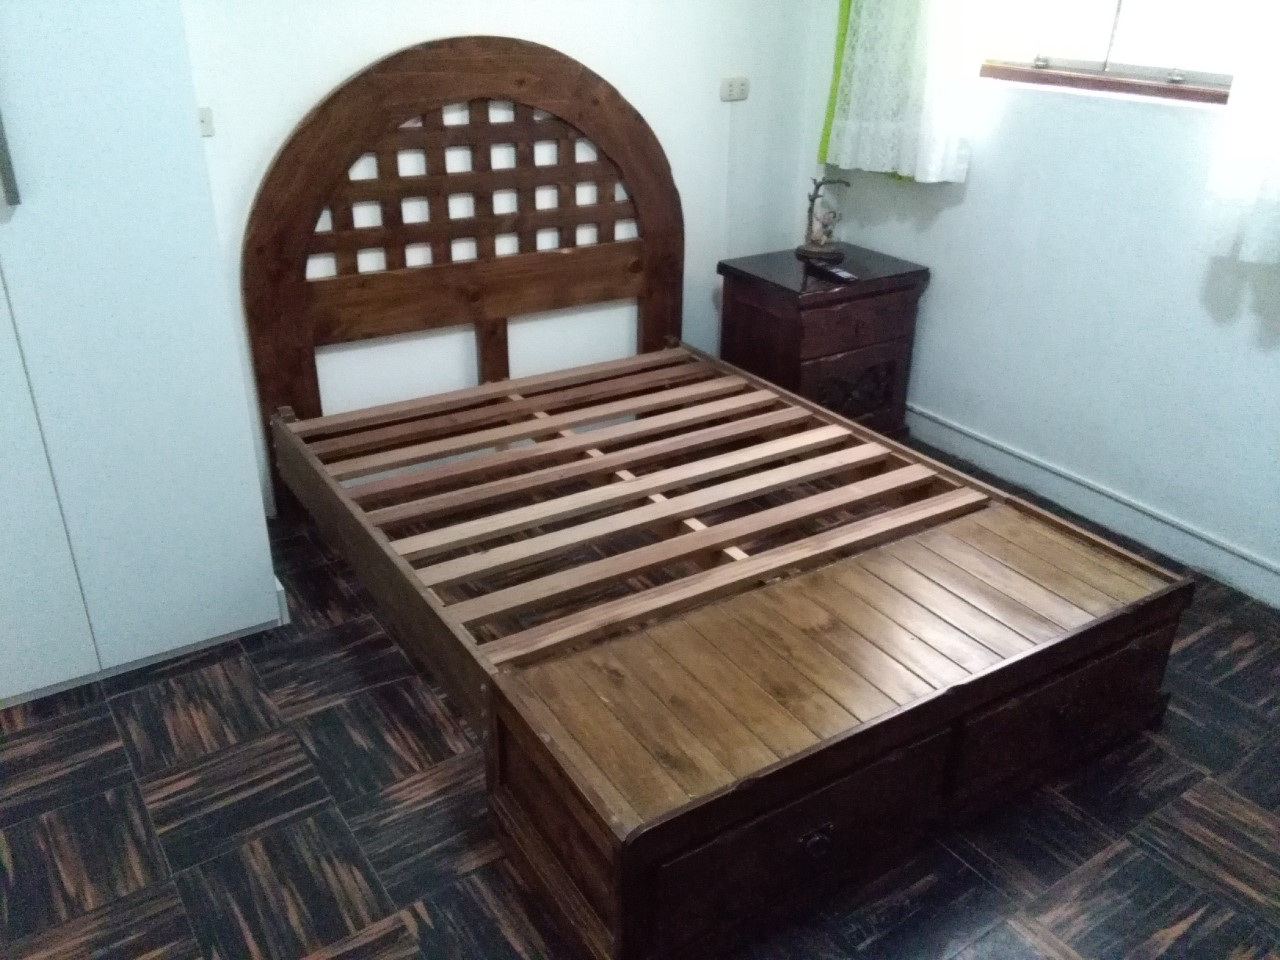 Cama 2 plazas modelo circular muebles para el hogar for Camas en madera economicas